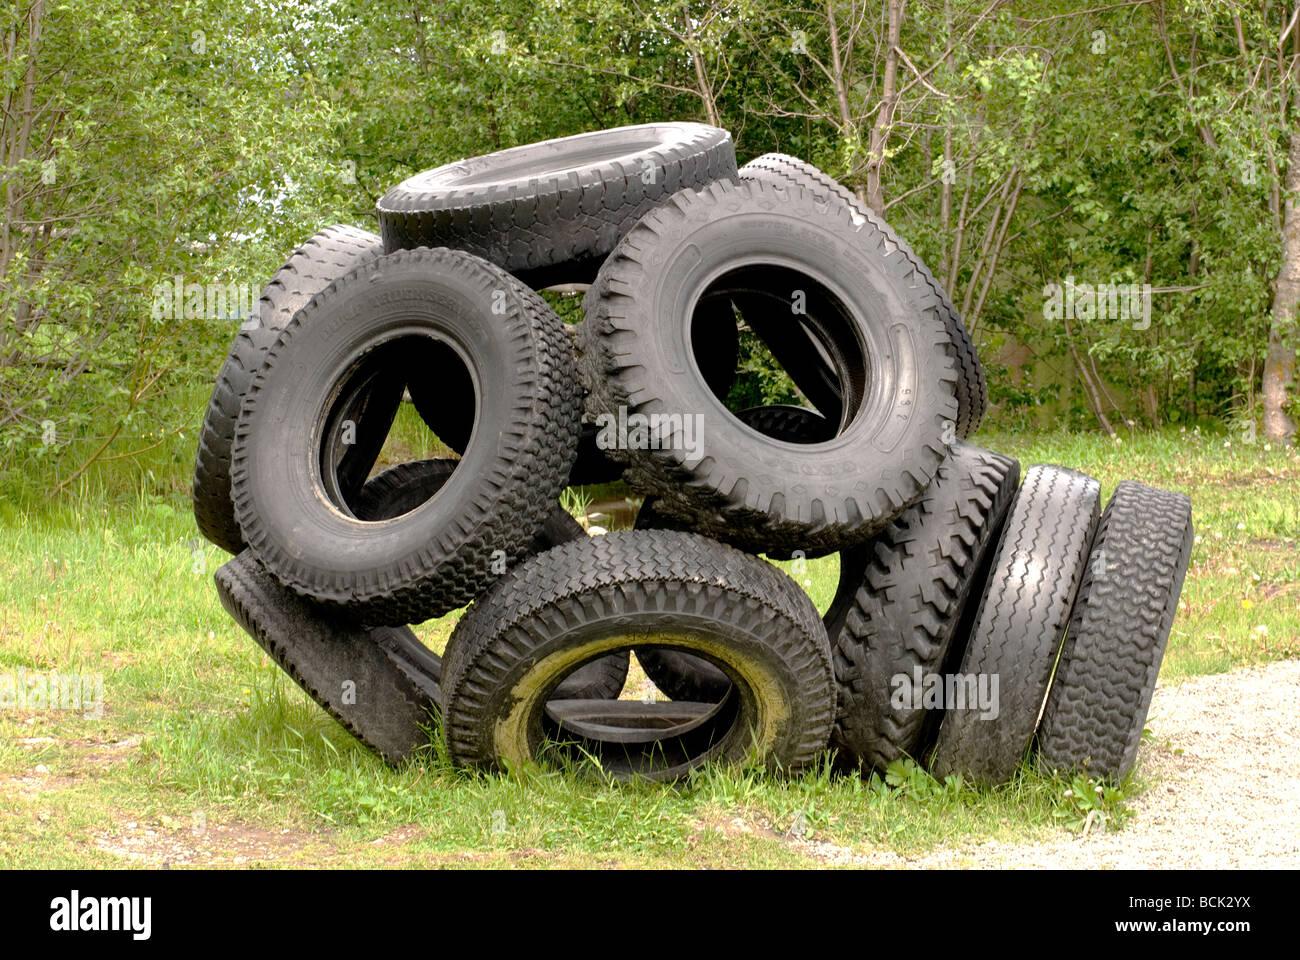 Klettergerüst Reifen : Ein klettergerüst gebaut aus alten reifen auf einem spielplatz